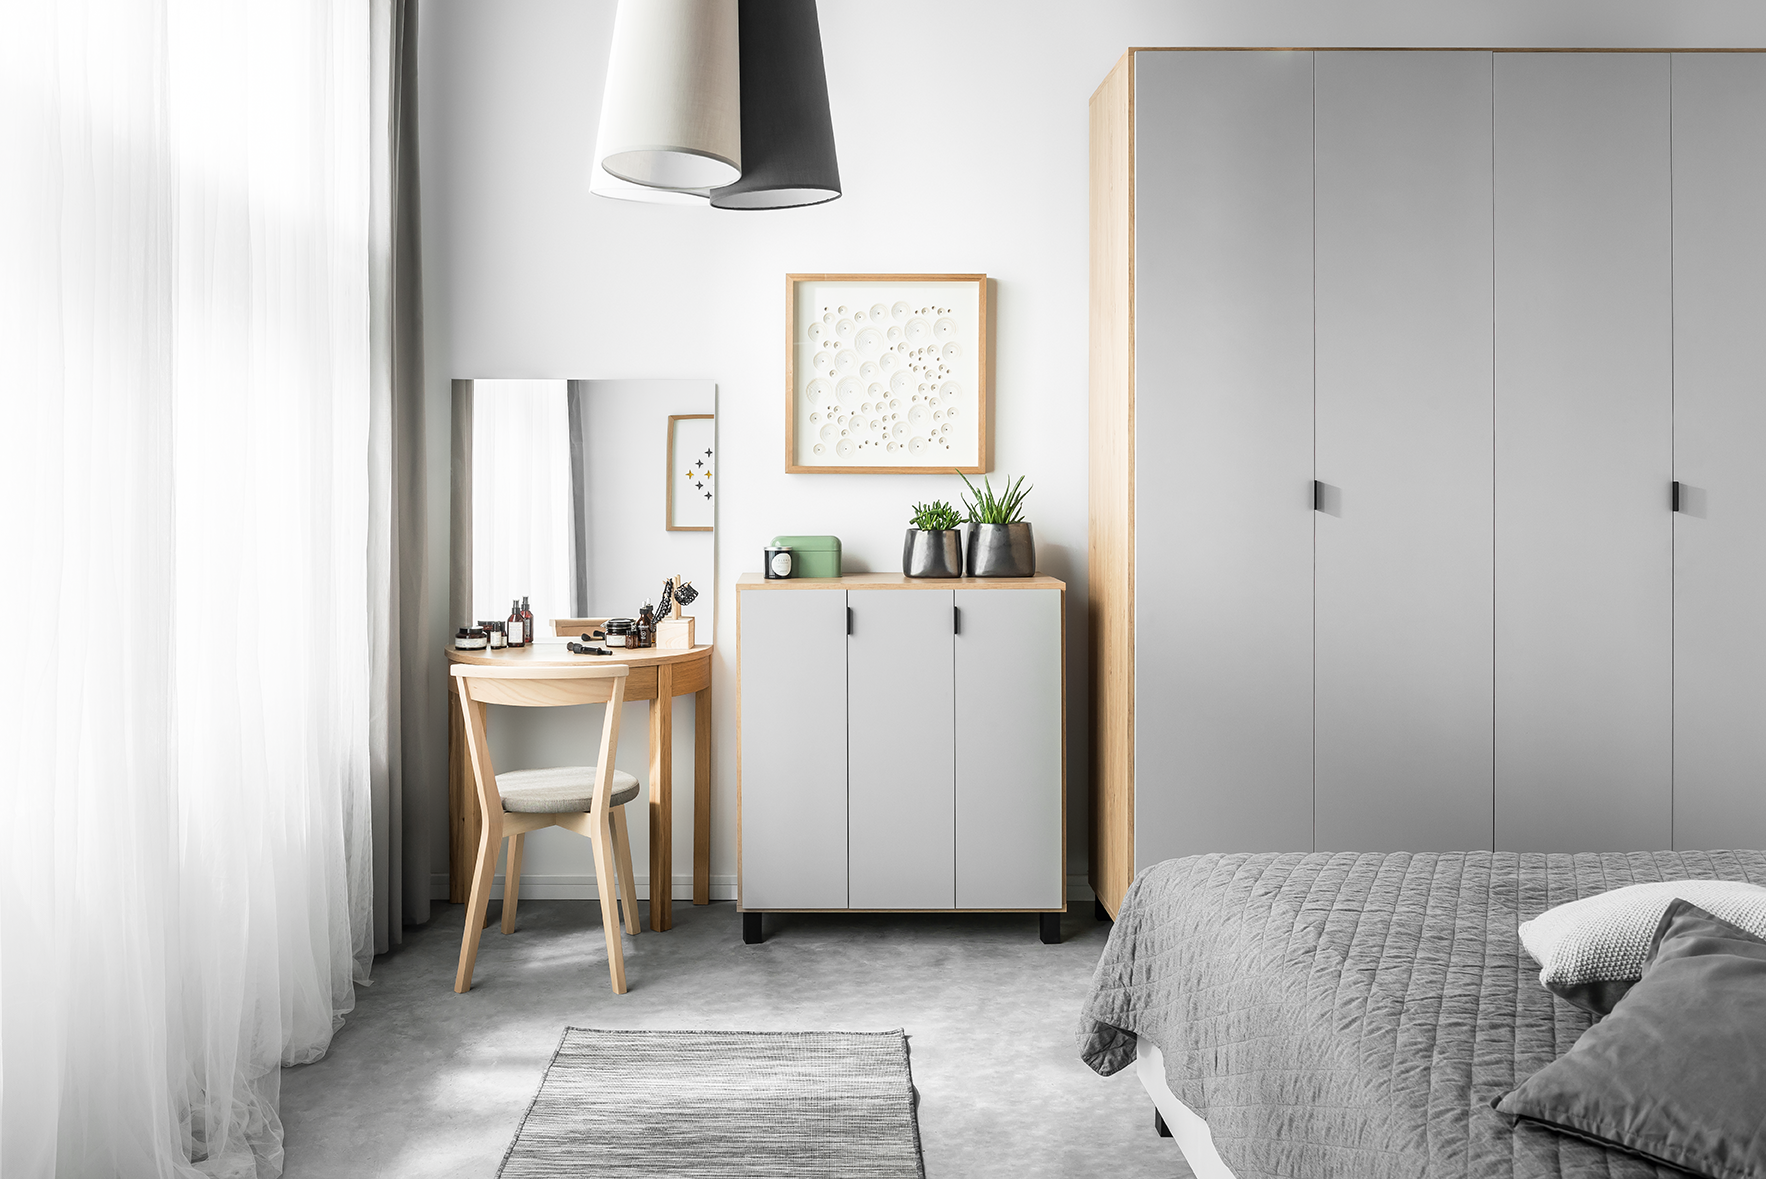 Obrazki In 2019 Kolekcja Simple Pinterest Simple Bedroom